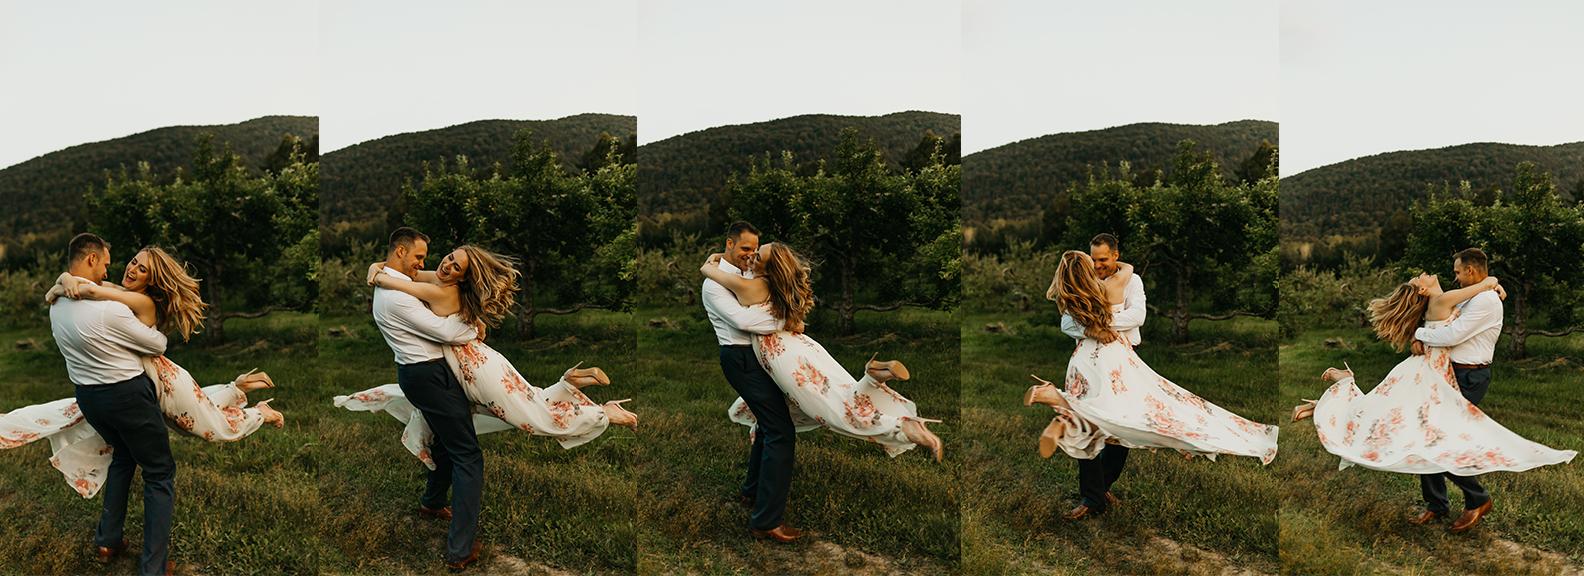 Engagement-shoot-Mont-saint-hilaire-québec-19.jpg